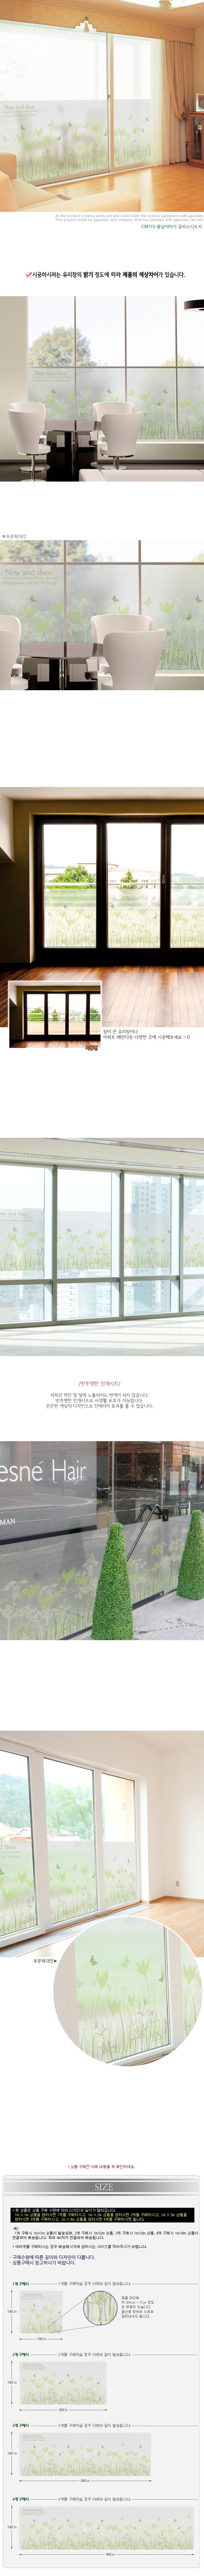 cm115-봄날이야기 글라스시트지_글라스시트지 - 꾸밈, 16,000원, 벽시/시트지, 플라워 시트